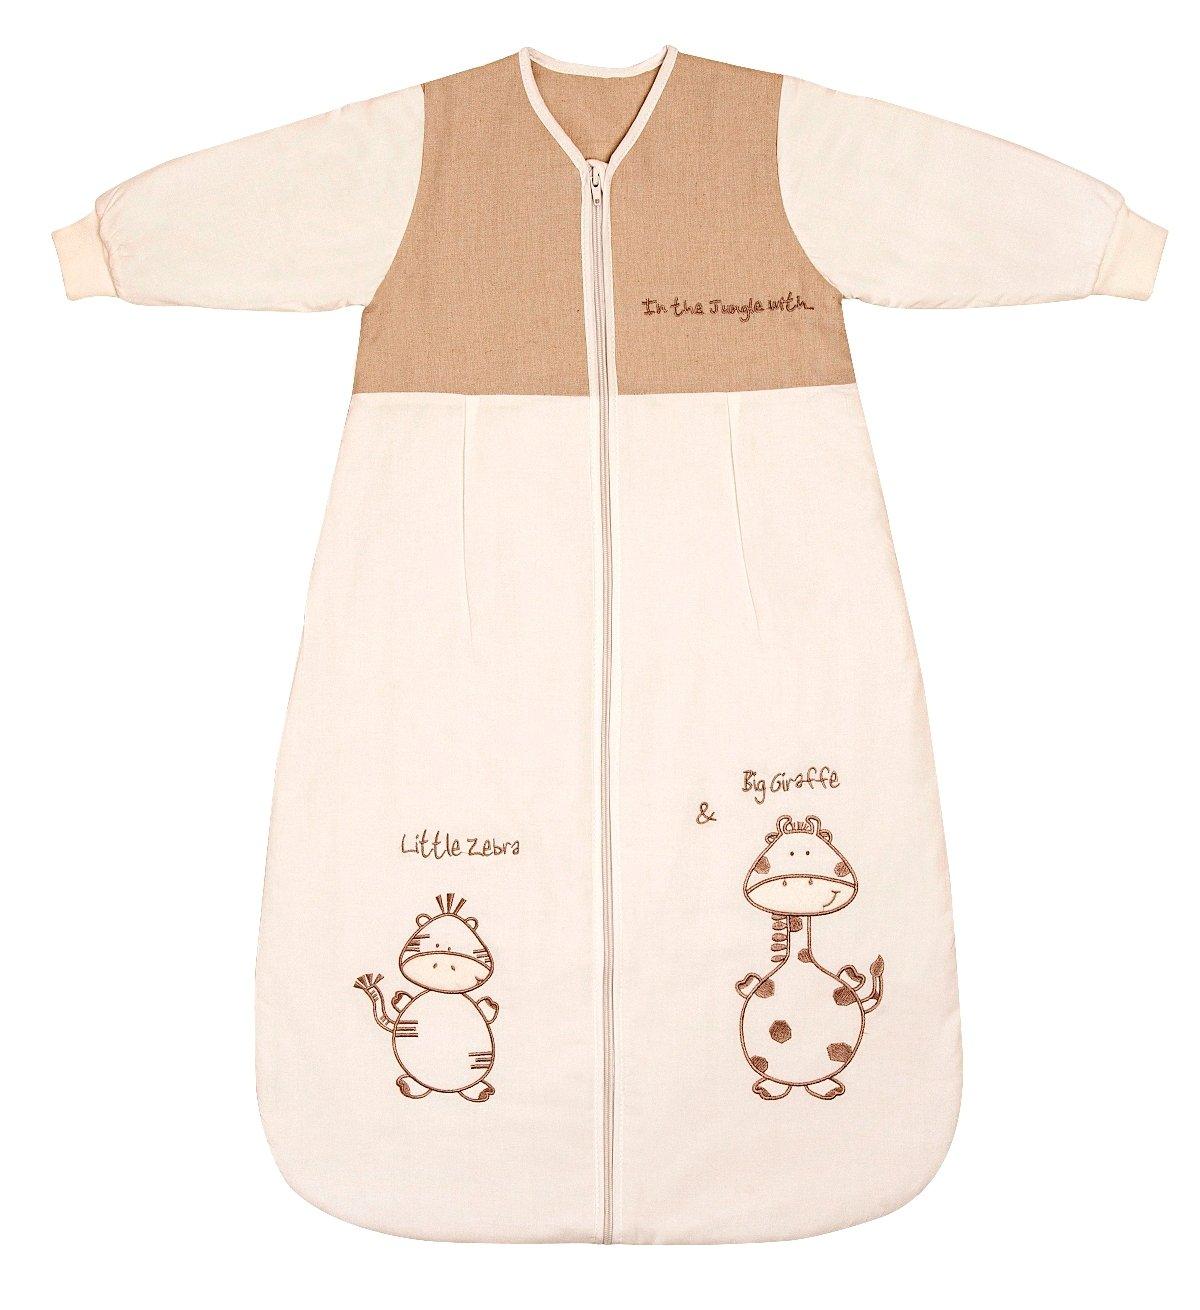 Slumbersac Saco dormir bebé invierno manga larga aprox. 3,5 Tog - de dibujos - varias tallas: de 0 a 6 meses: Amazon.es: Bebé